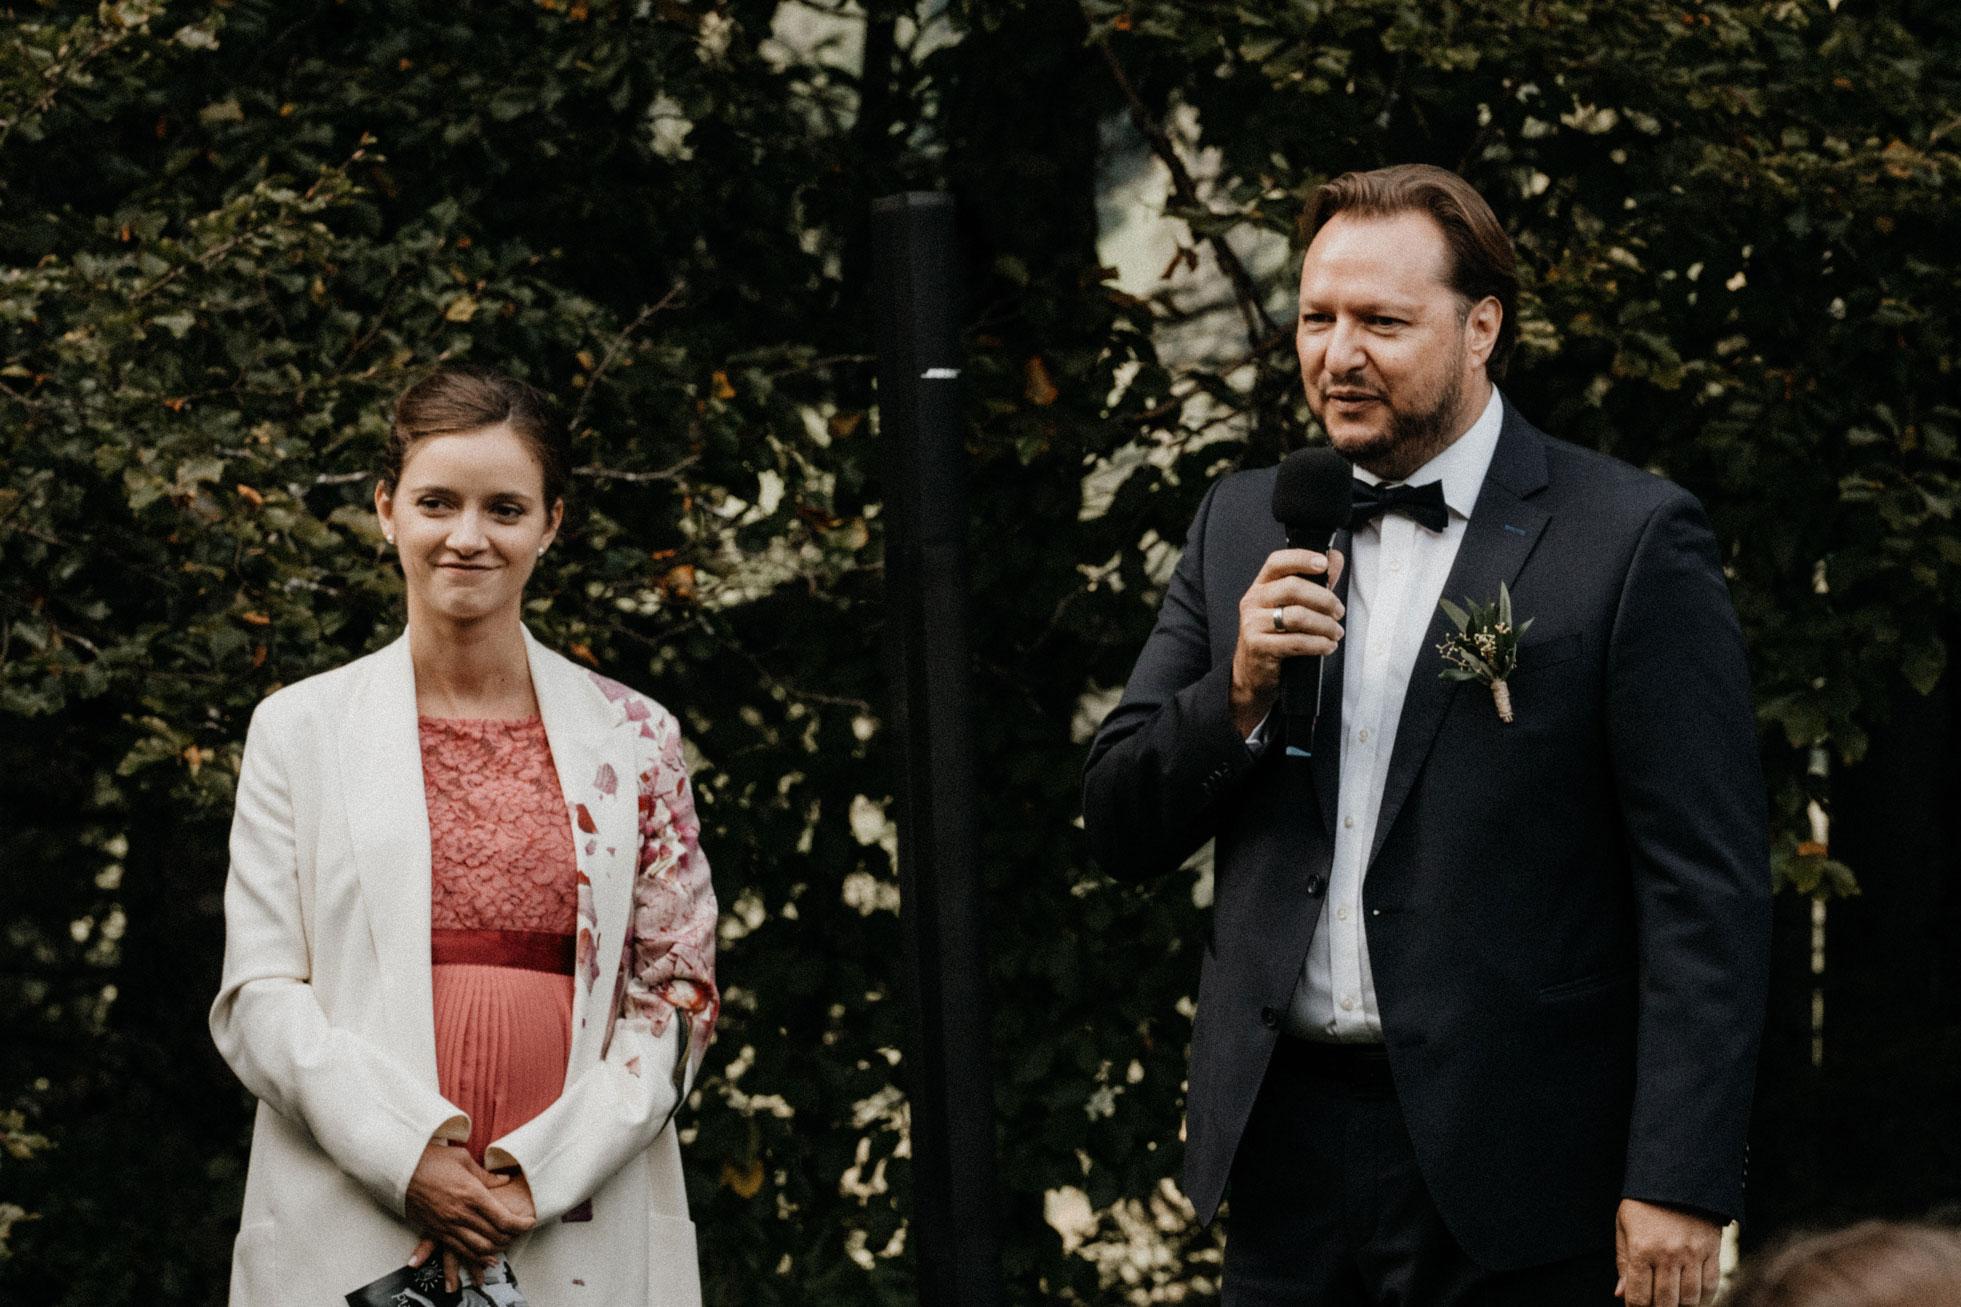 Hochzeit_Claire_Manuel_Villa_Maund_Daniel_Jenny-230.jpg